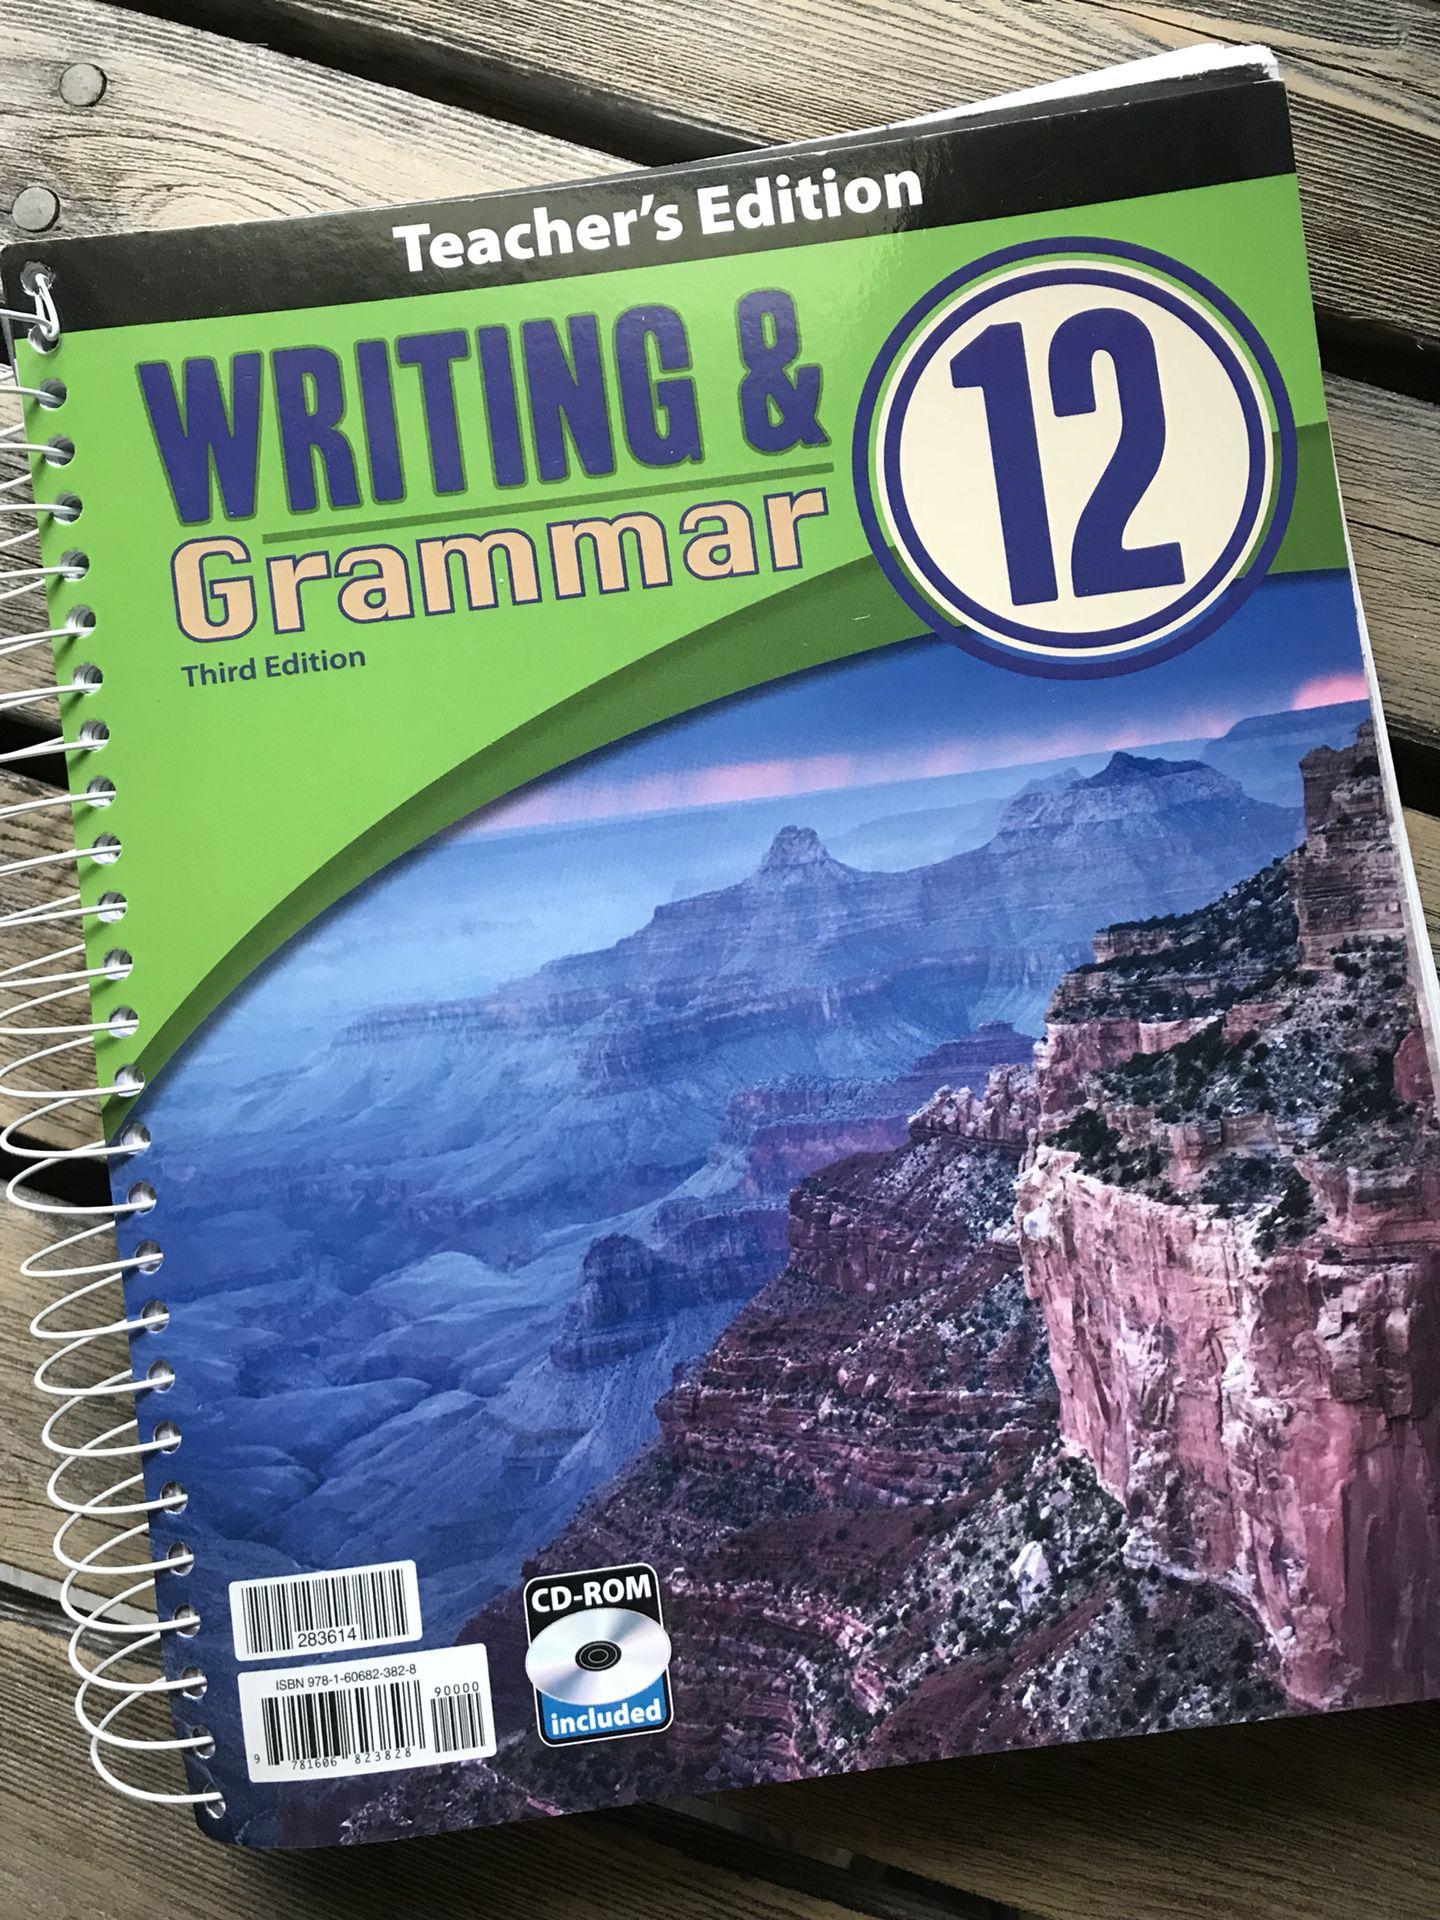 Writing & Grammar 12 Homeschool book